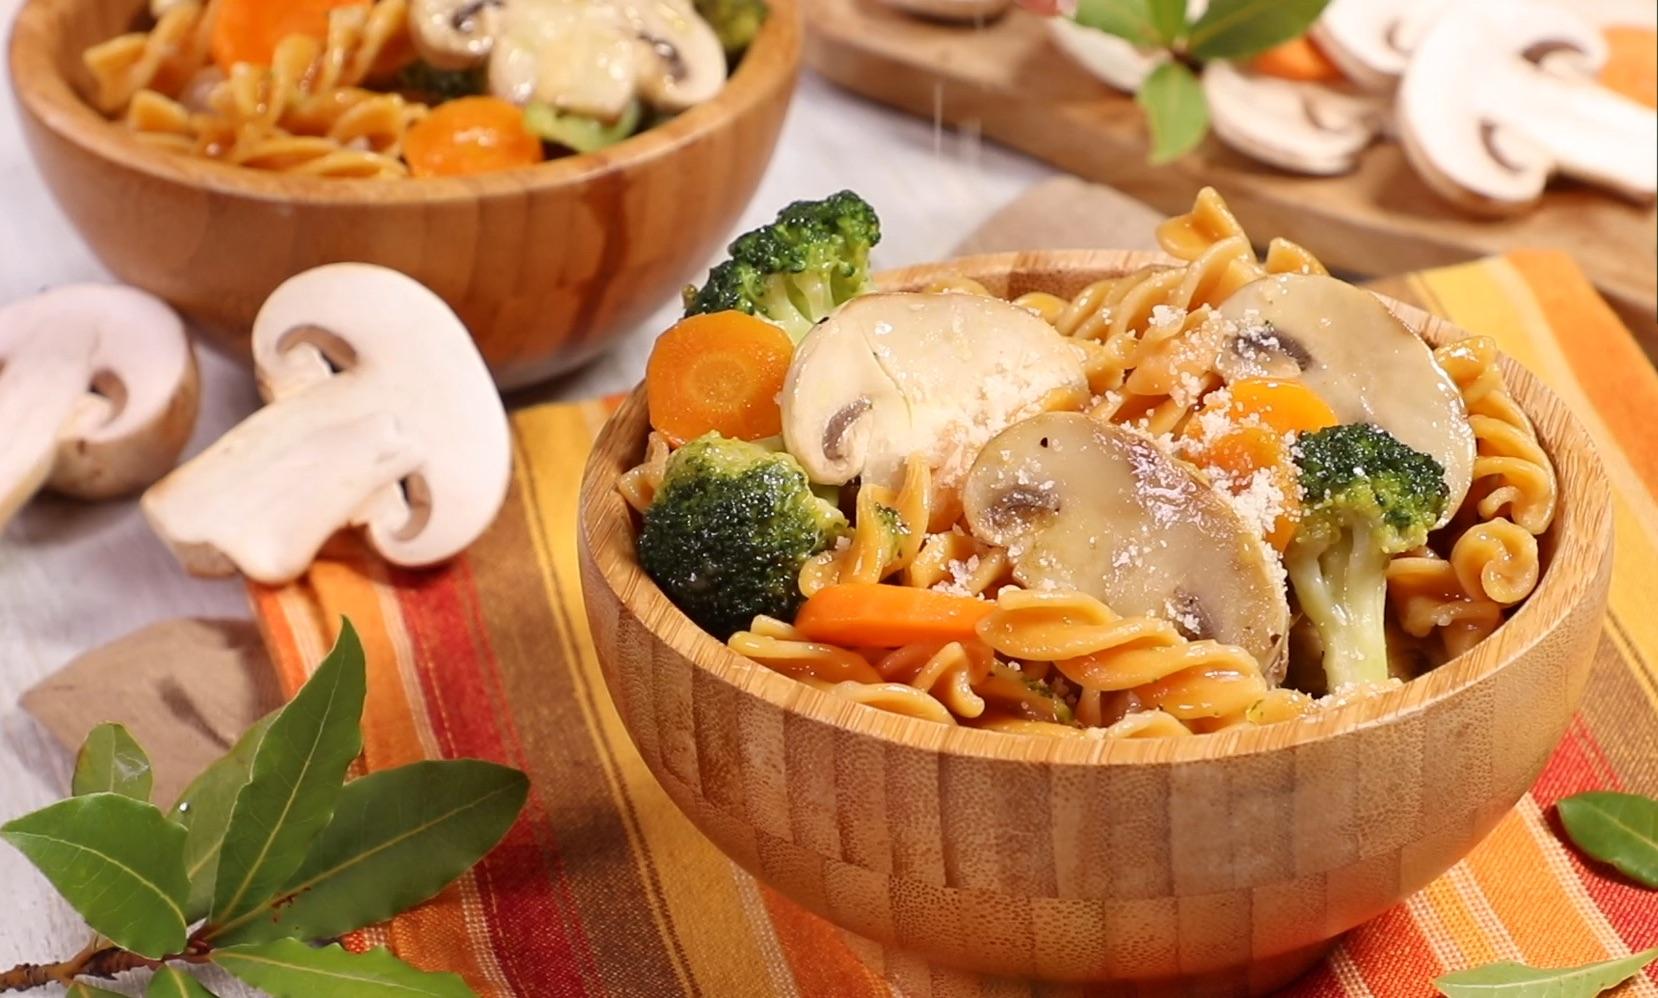 Pasta di ceci con Prataiolo bianco, broccoli e carote